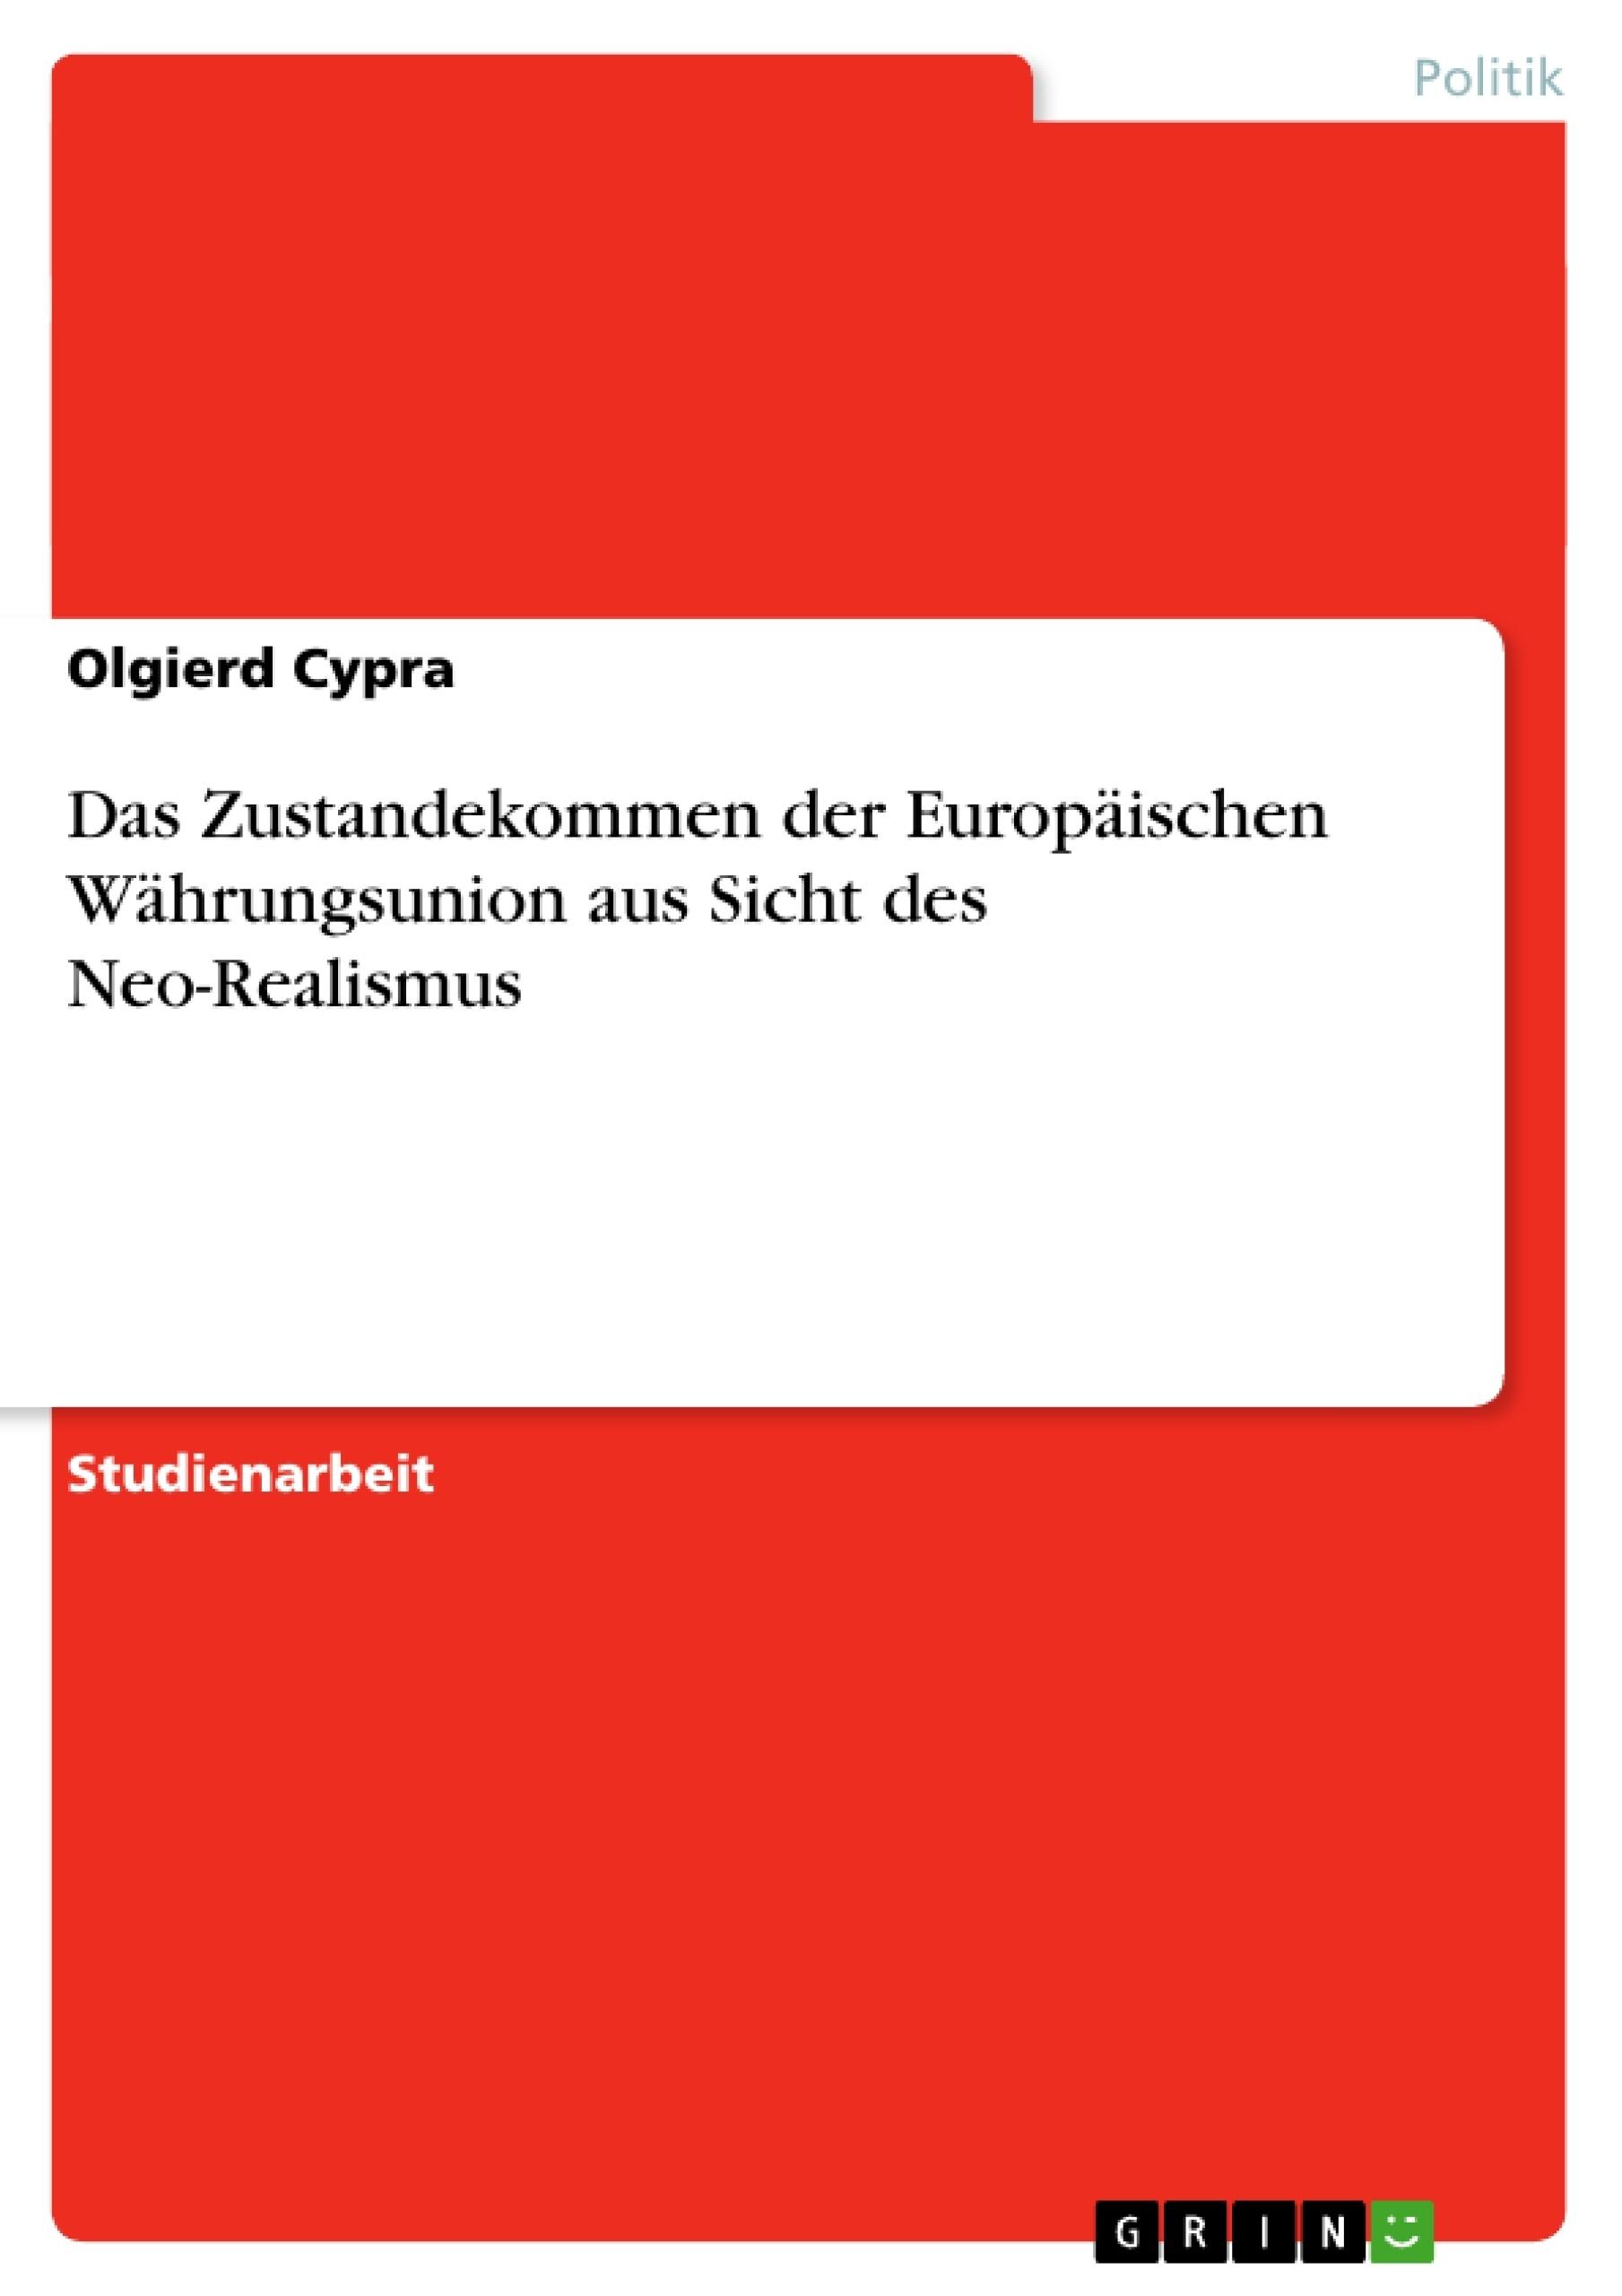 Titel: Das Zustandekommen der Europäischen Währungsunion aus Sicht des Neo-Realismus